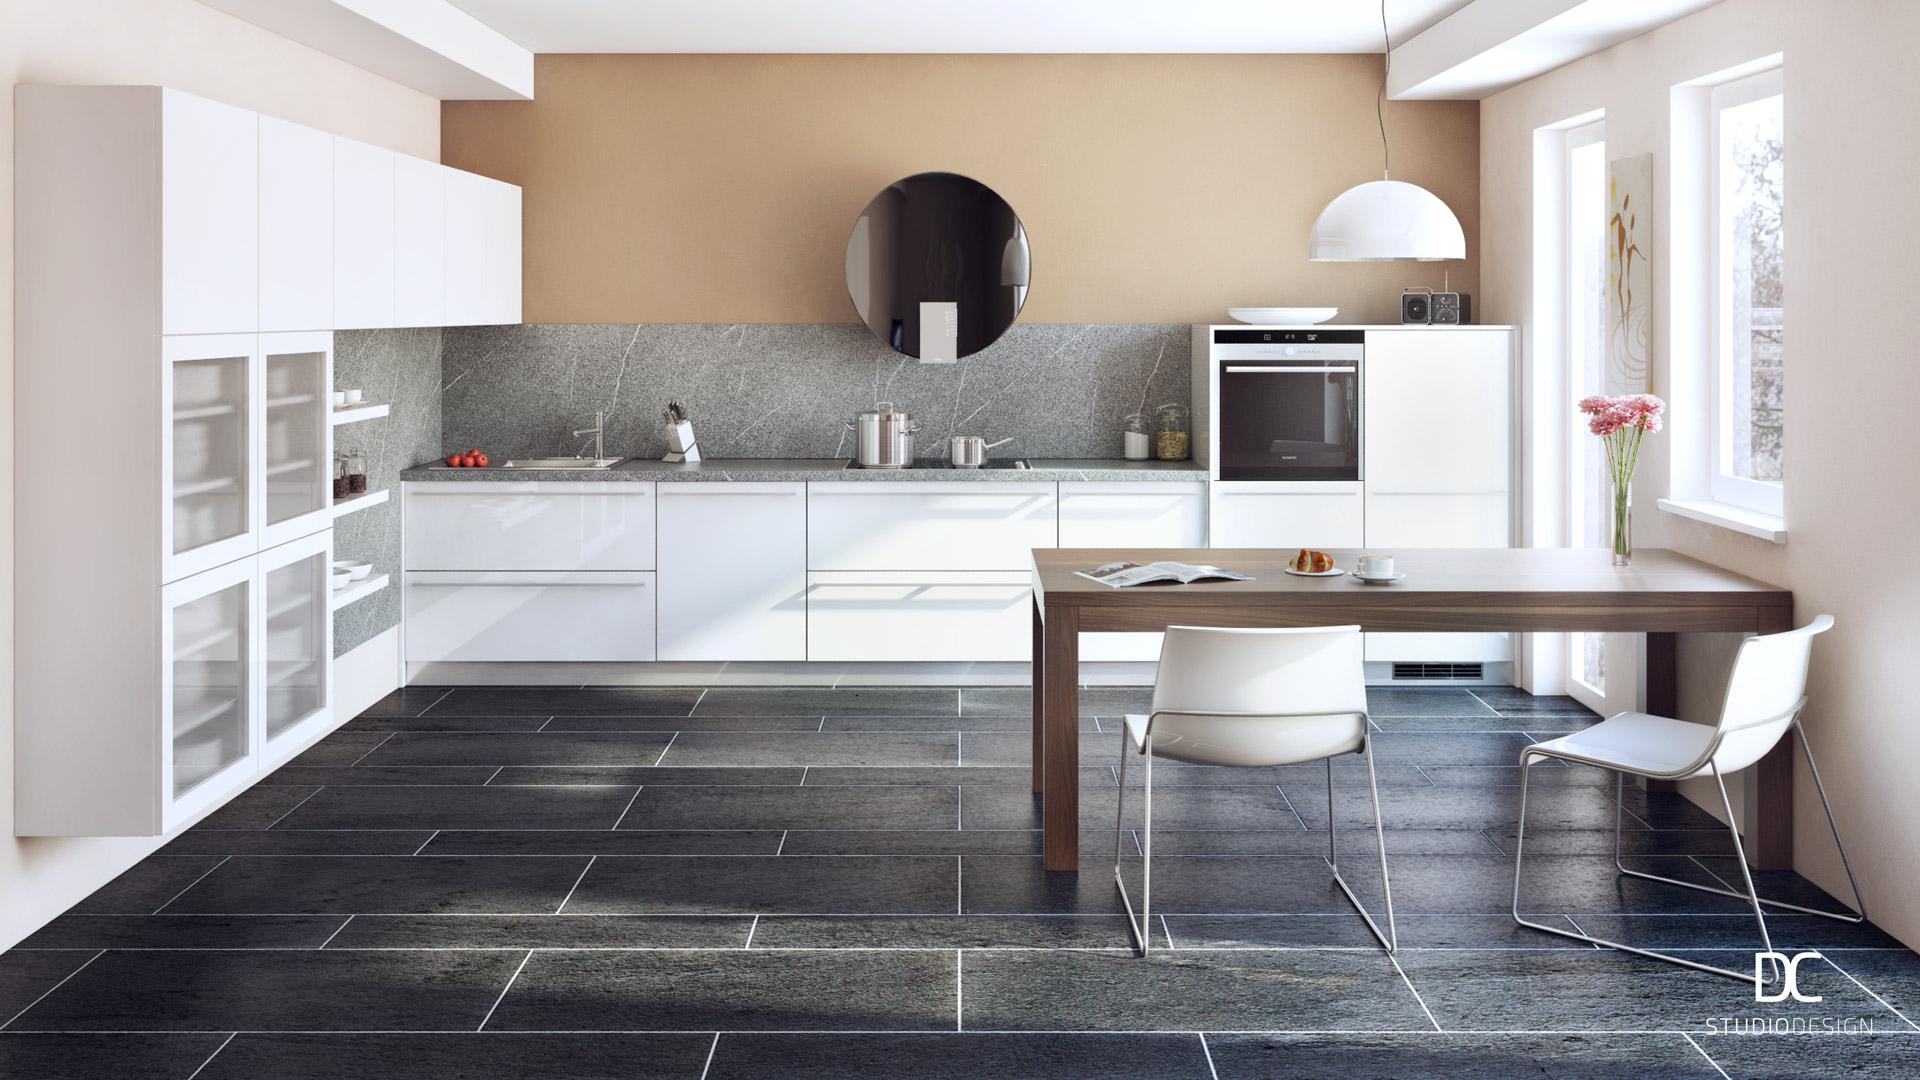 kitchen visualization i dc studio design. Black Bedroom Furniture Sets. Home Design Ideas